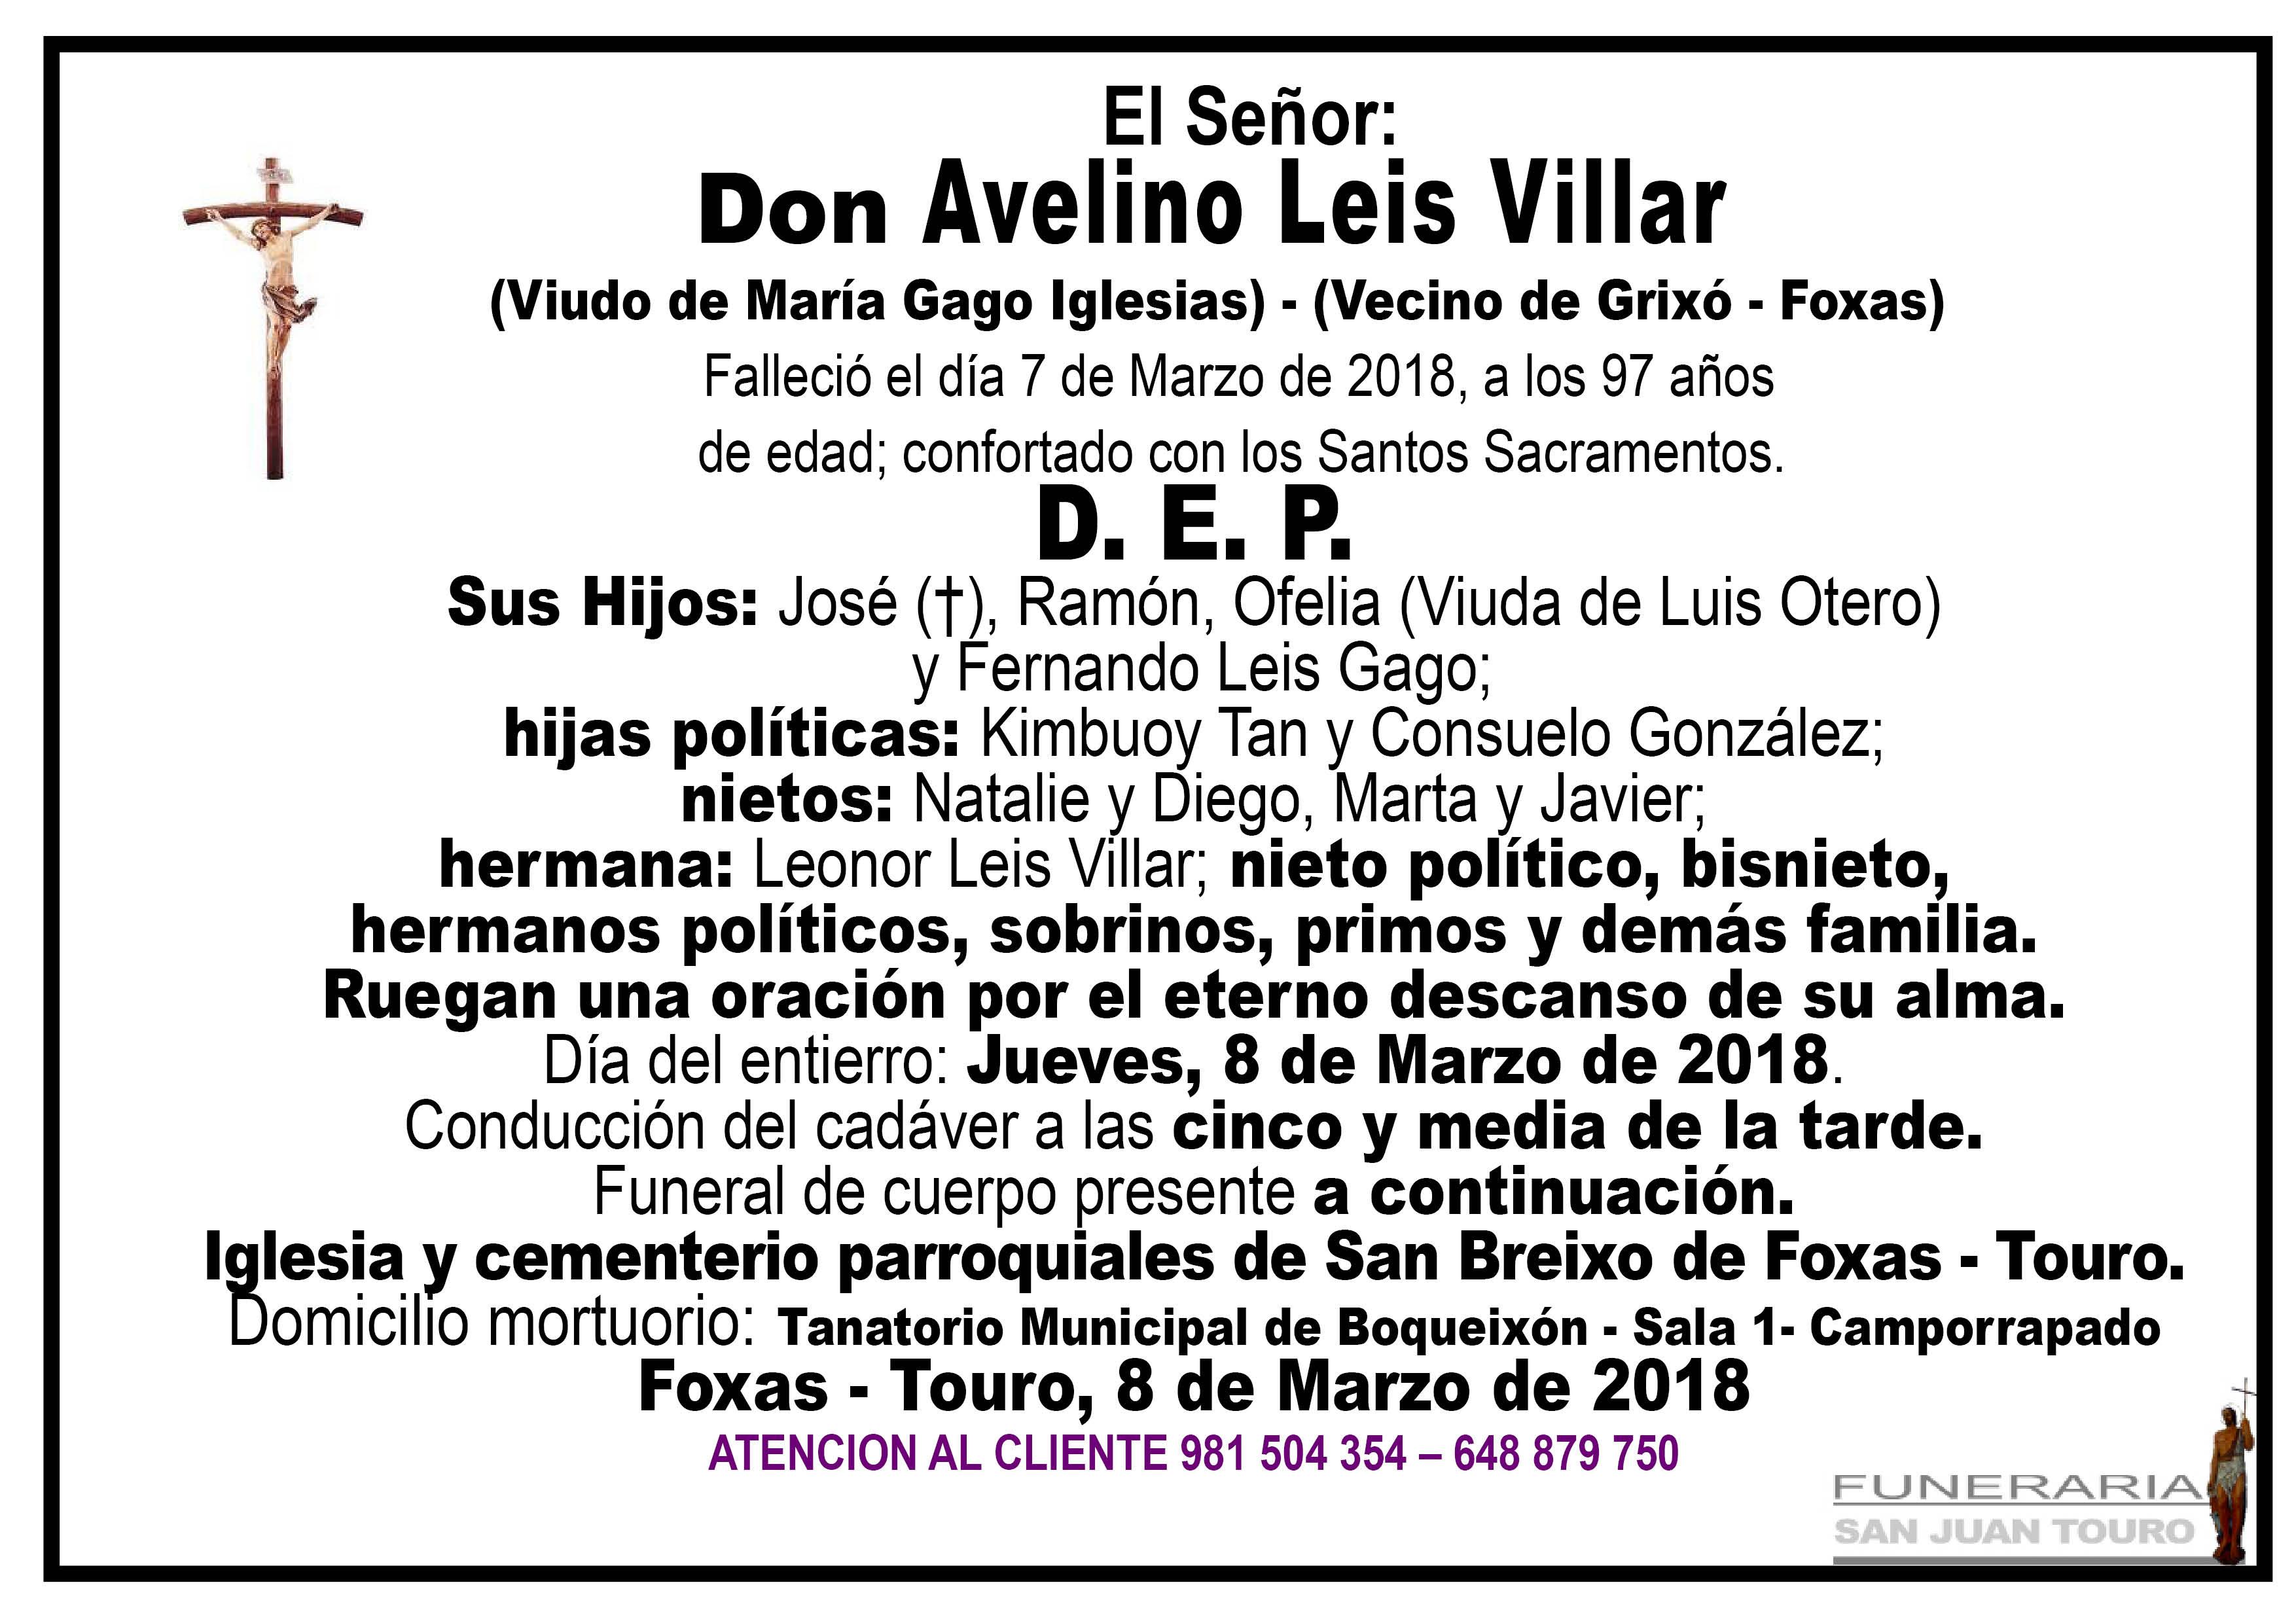 Esquela de SEPELIO DE DON AVELINO LEIS VILLAR